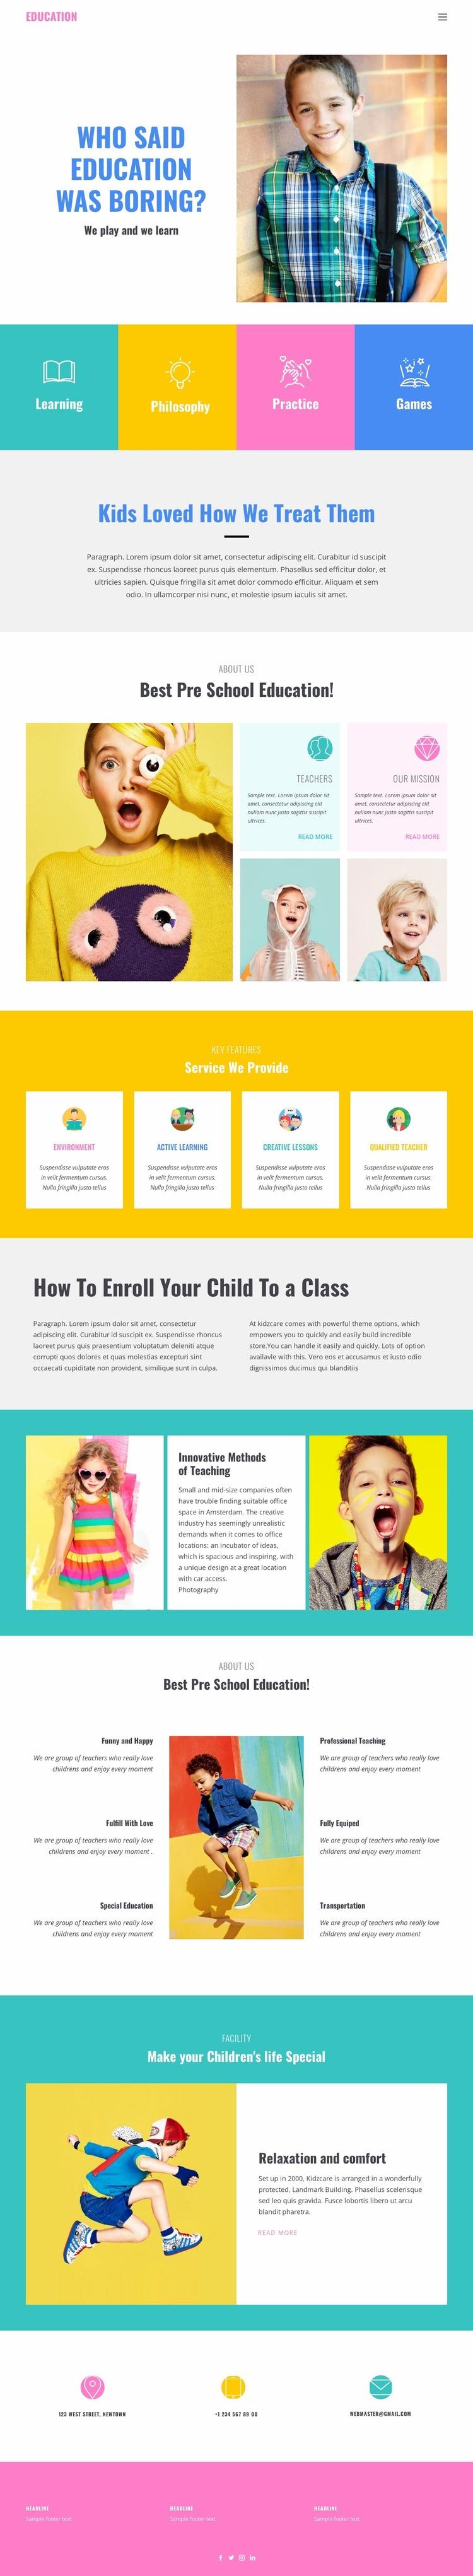 Fun of learning in school Website Mockup